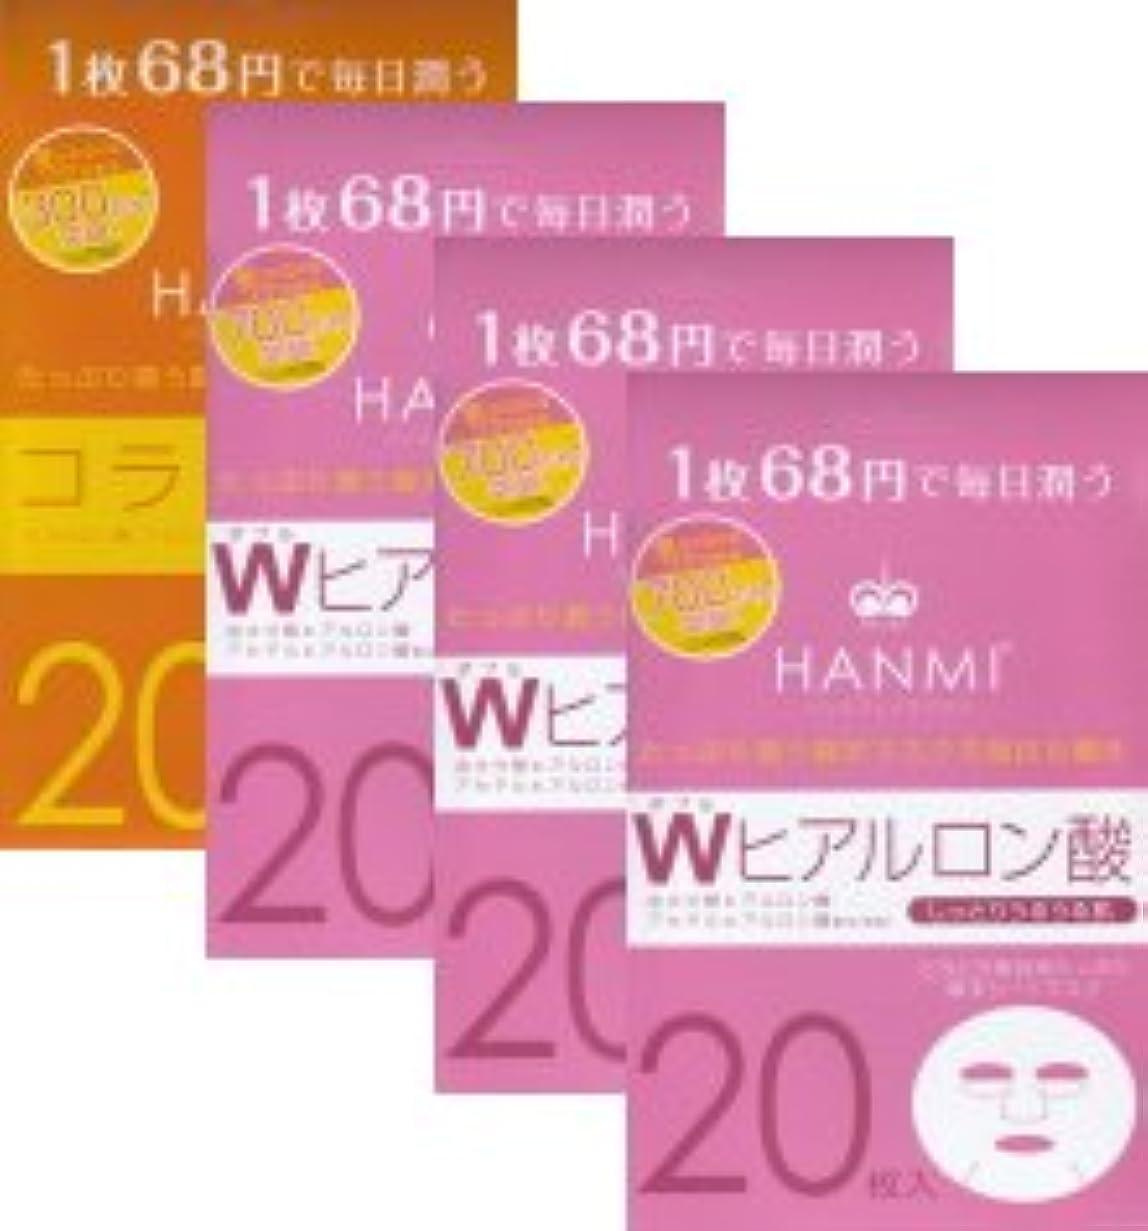 邪魔ストローククロールMIGAKI ハンミフェイスマスク(20枚入り)「コラーゲン×1個」「Wヒアルロン酸×3個」の4個セット